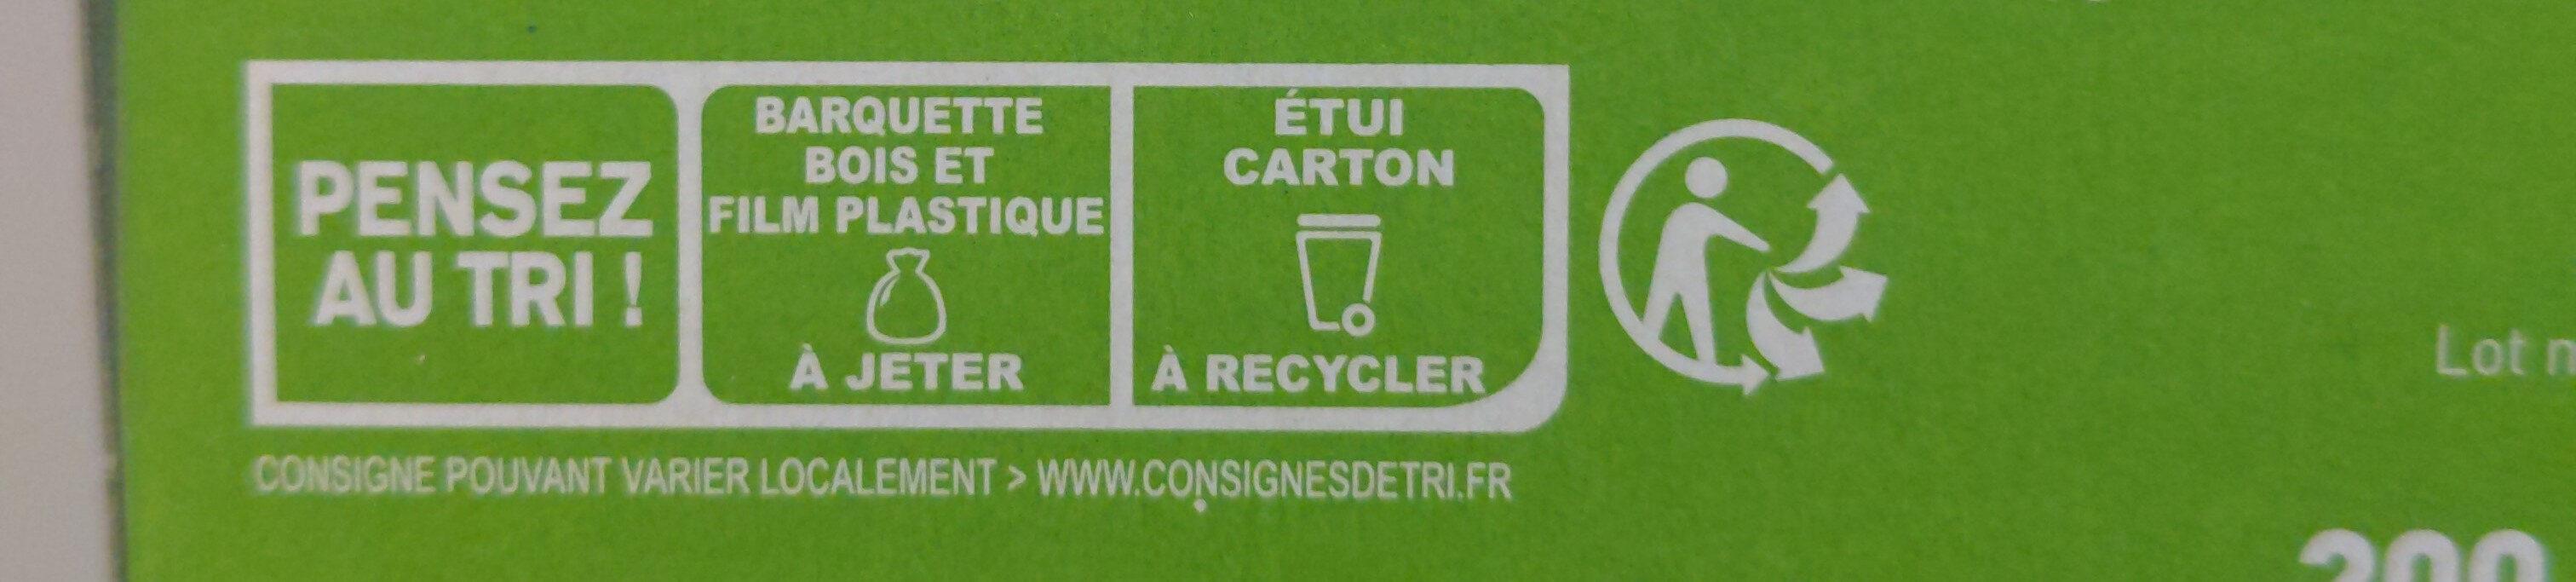 Gratin Macaroni Complet Tomate Cantal AOP - Istruzioni per il riciclaggio e/o informazioni sull'imballaggio - fr